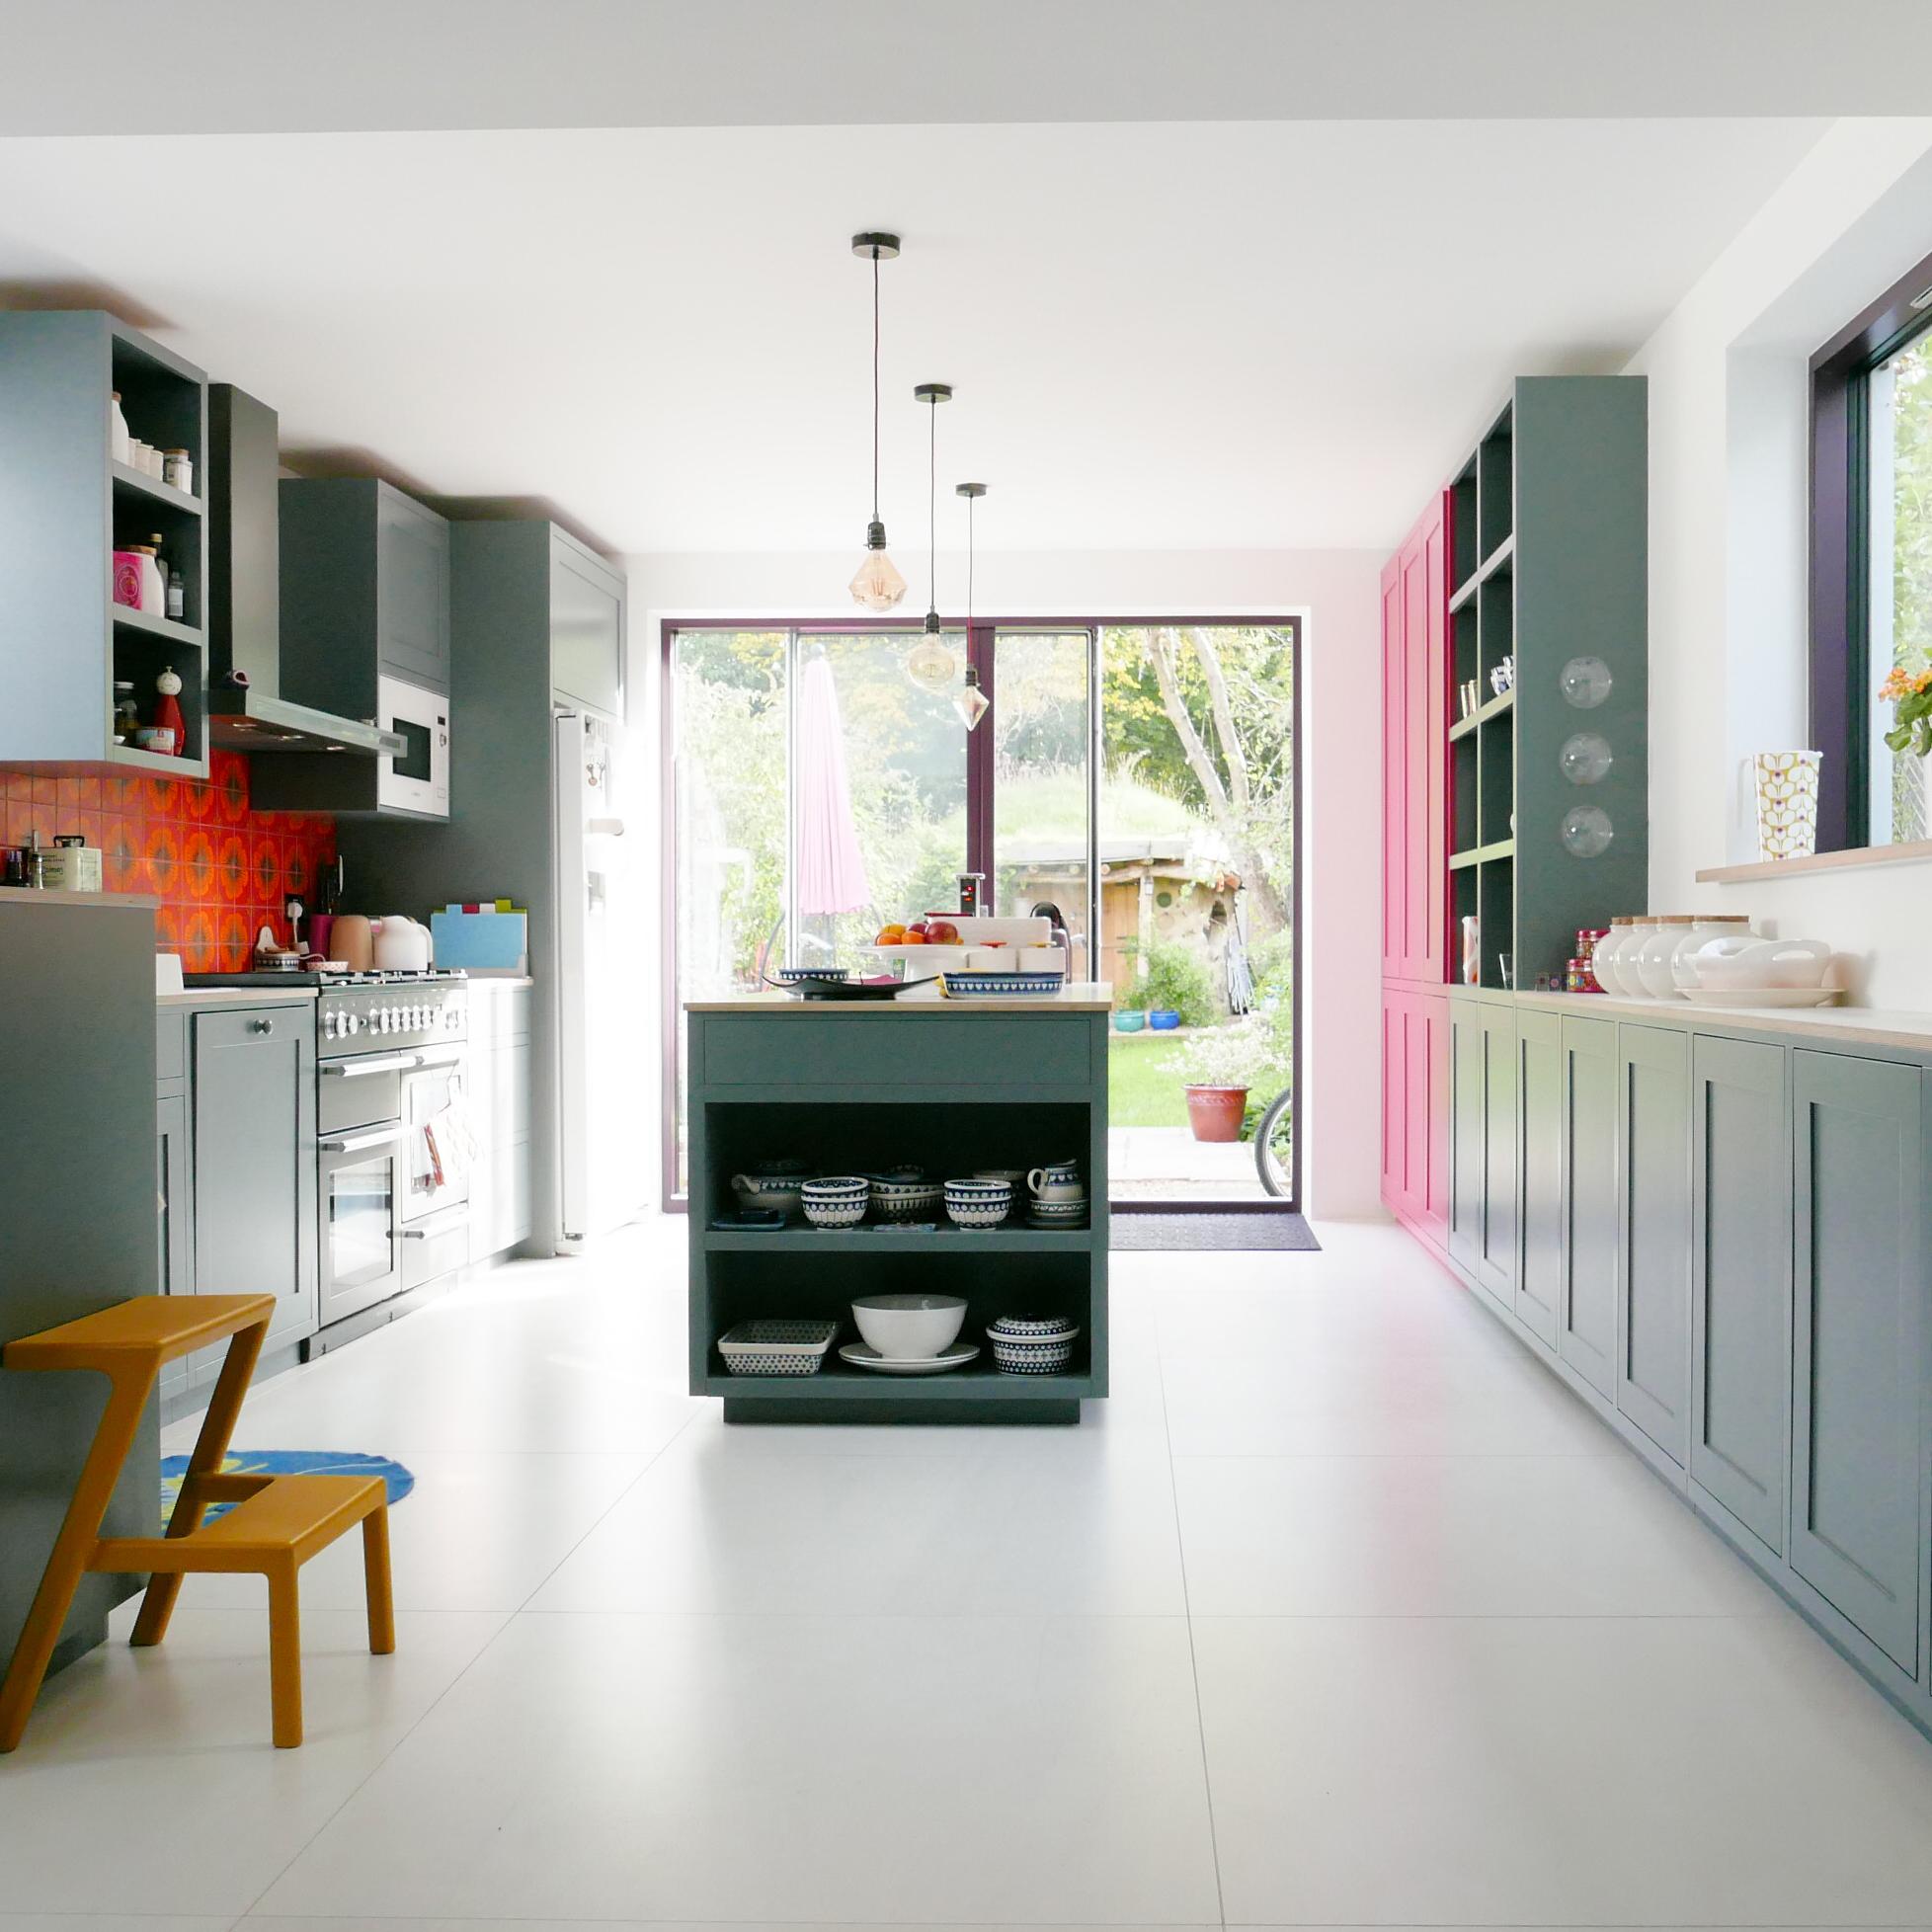 SW038_kitchen interior.jpg